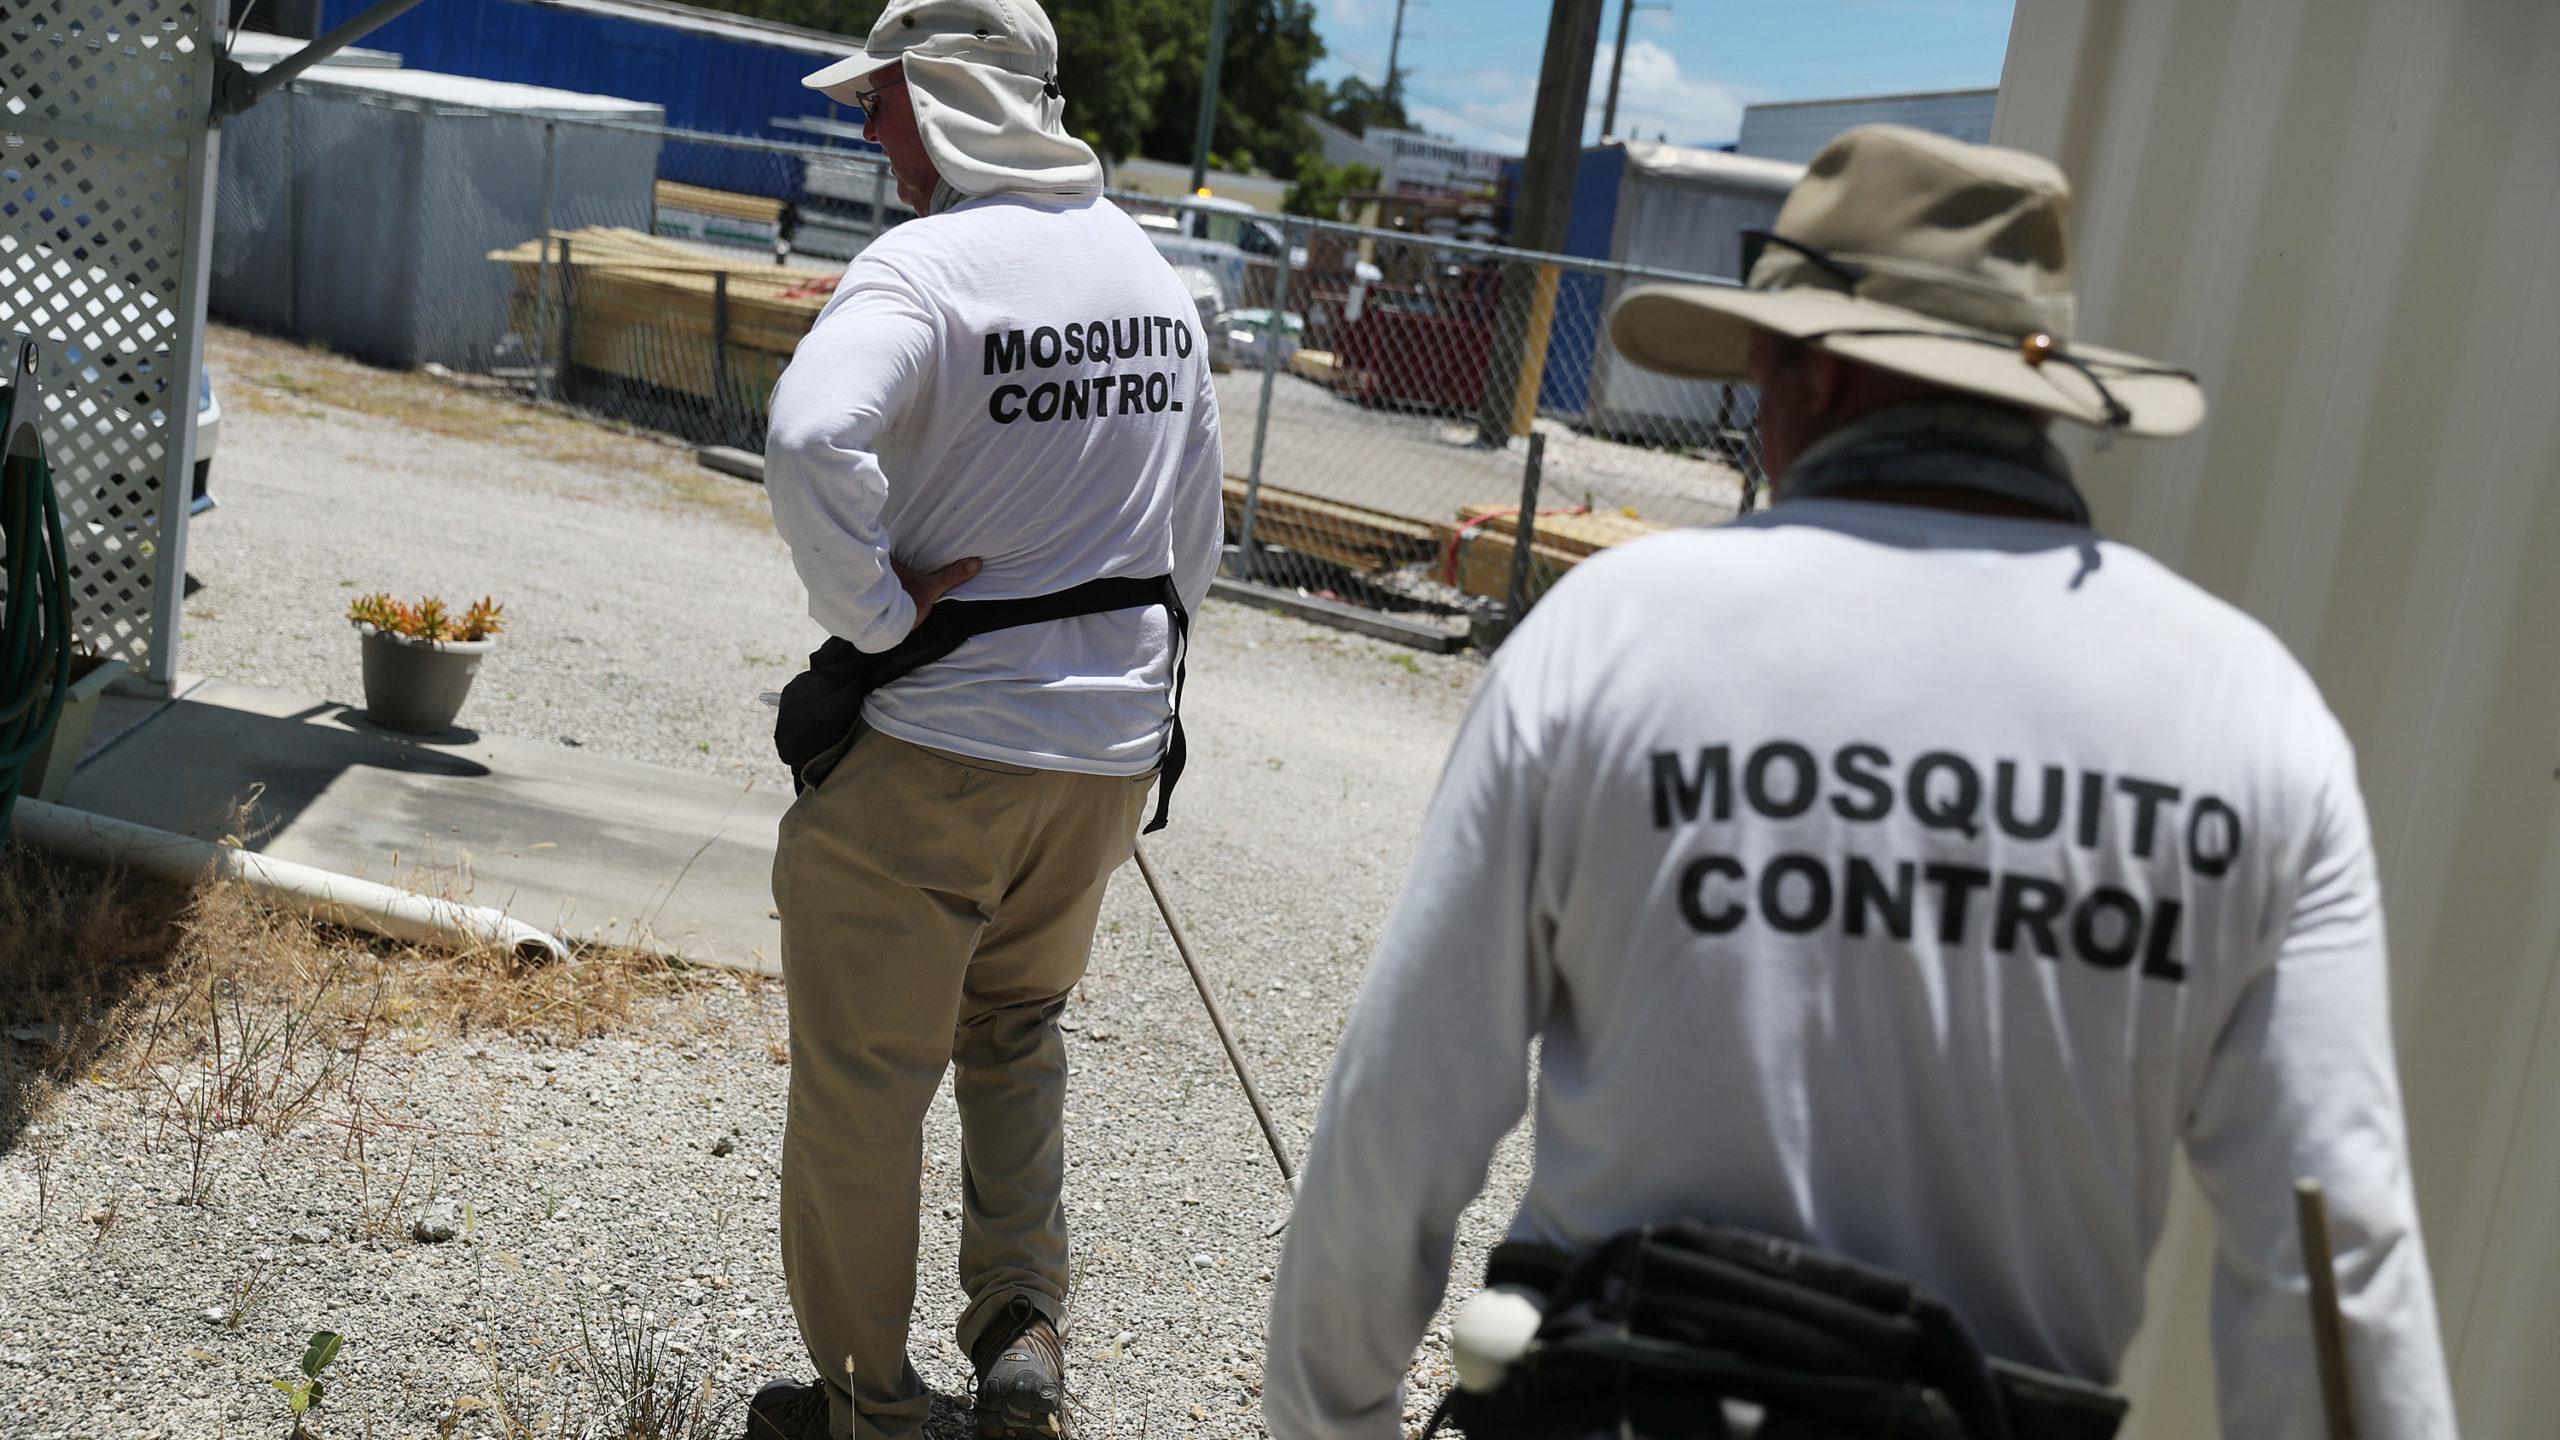 Uma equipe do Controle de Mosquitos em Florida Keys. Crédito: Joe Raedle/Getty Images